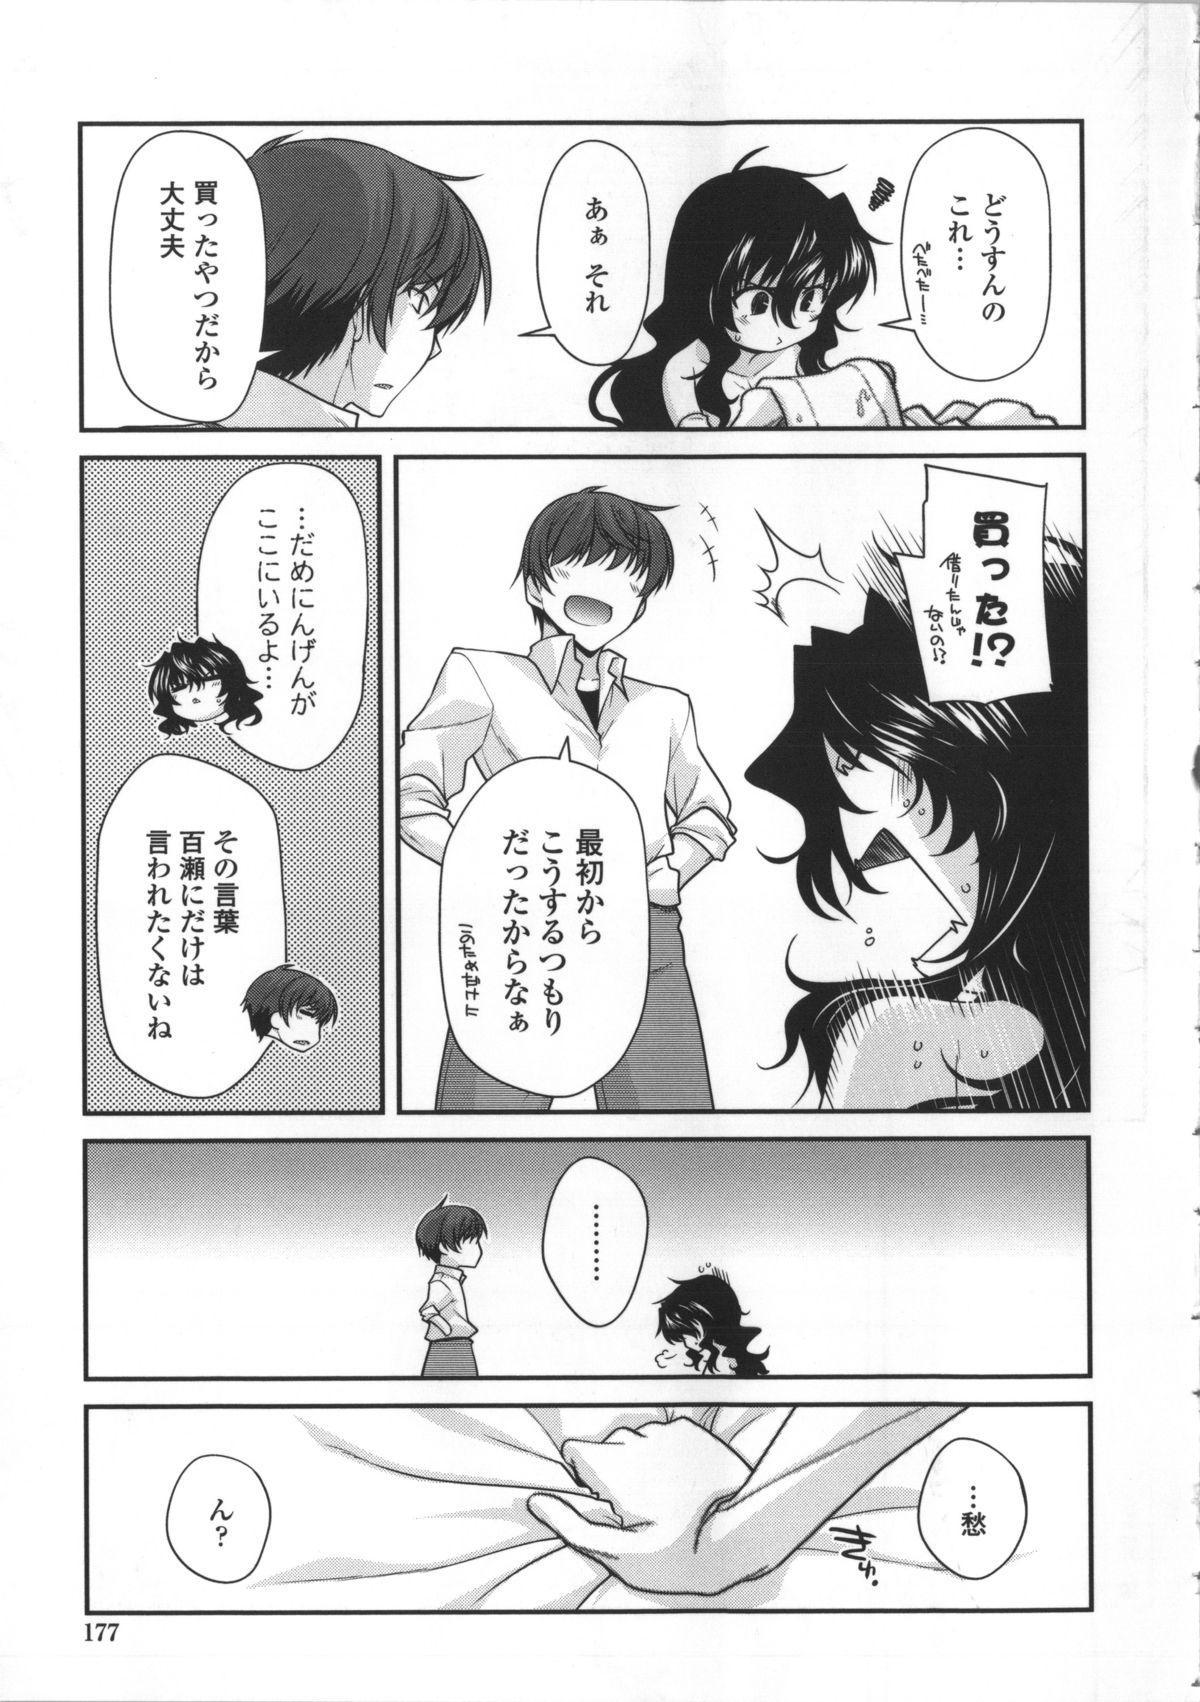 Yamato Nadeshiko Breast Changes 176